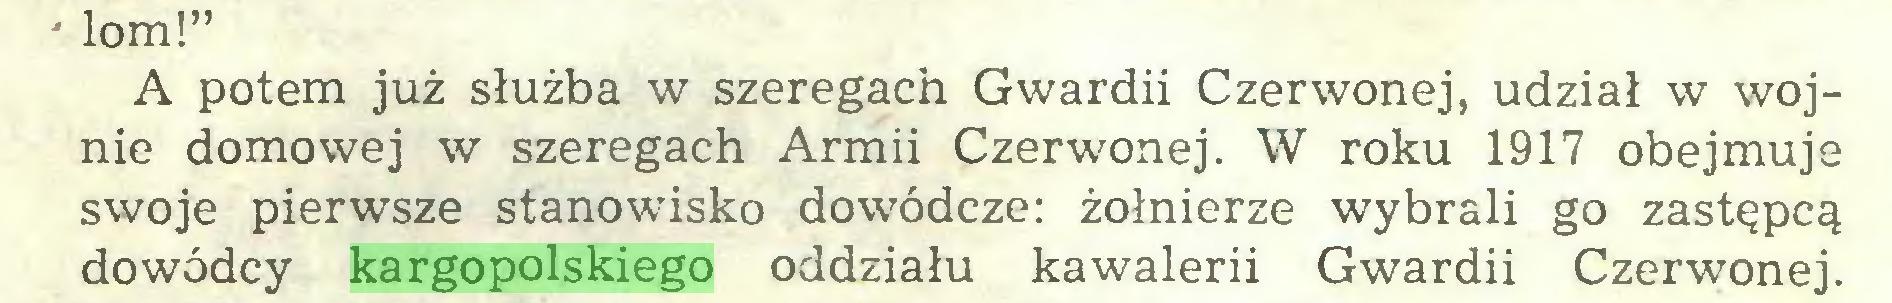 """(...) ' lom!"""" A potem już służba w szeregach Gwardii Czerwonej, udział w wojnie domowej w szeregach Armii Czerwonej. W roku 1917 obejmuje swoje pierwsze stanowisko dowódcze: żołnierze wybrali go zastępcą dowódcy kargopolskiego oddziału kawalerii Gwardii Czerwonej..."""